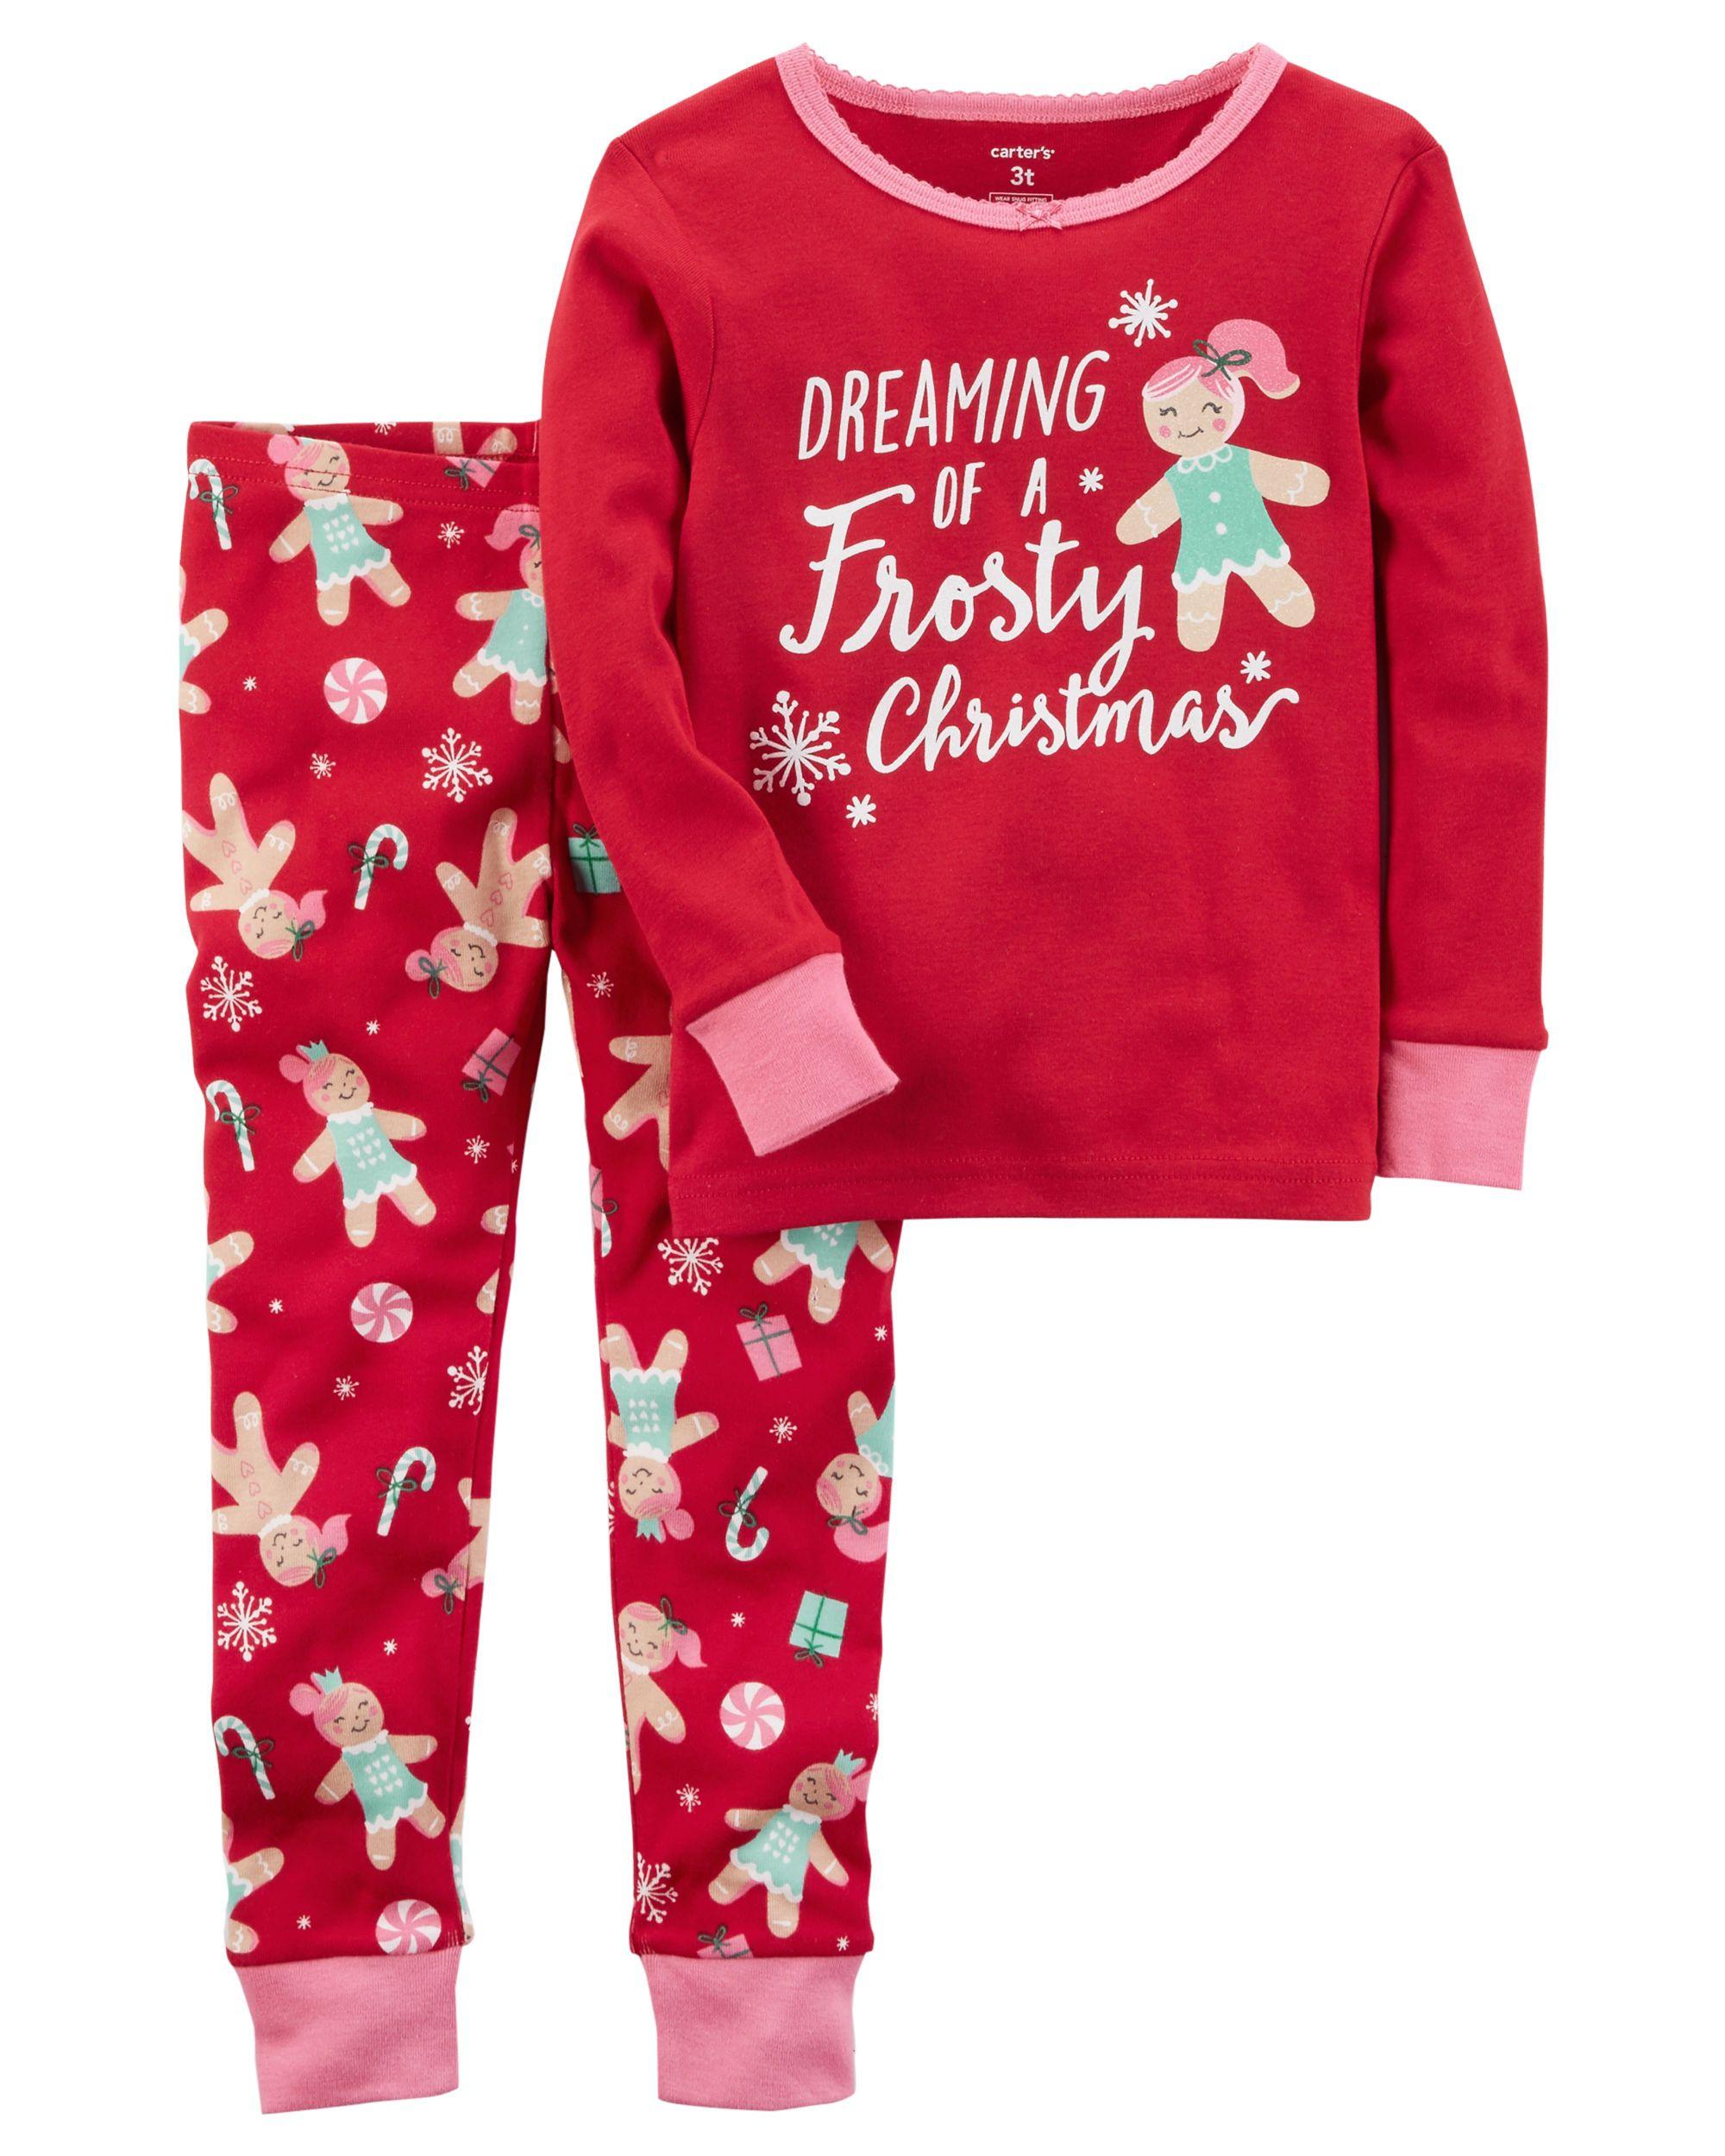 57ddcf483 2-Piece Christmas Snug Fit Cotton PJs